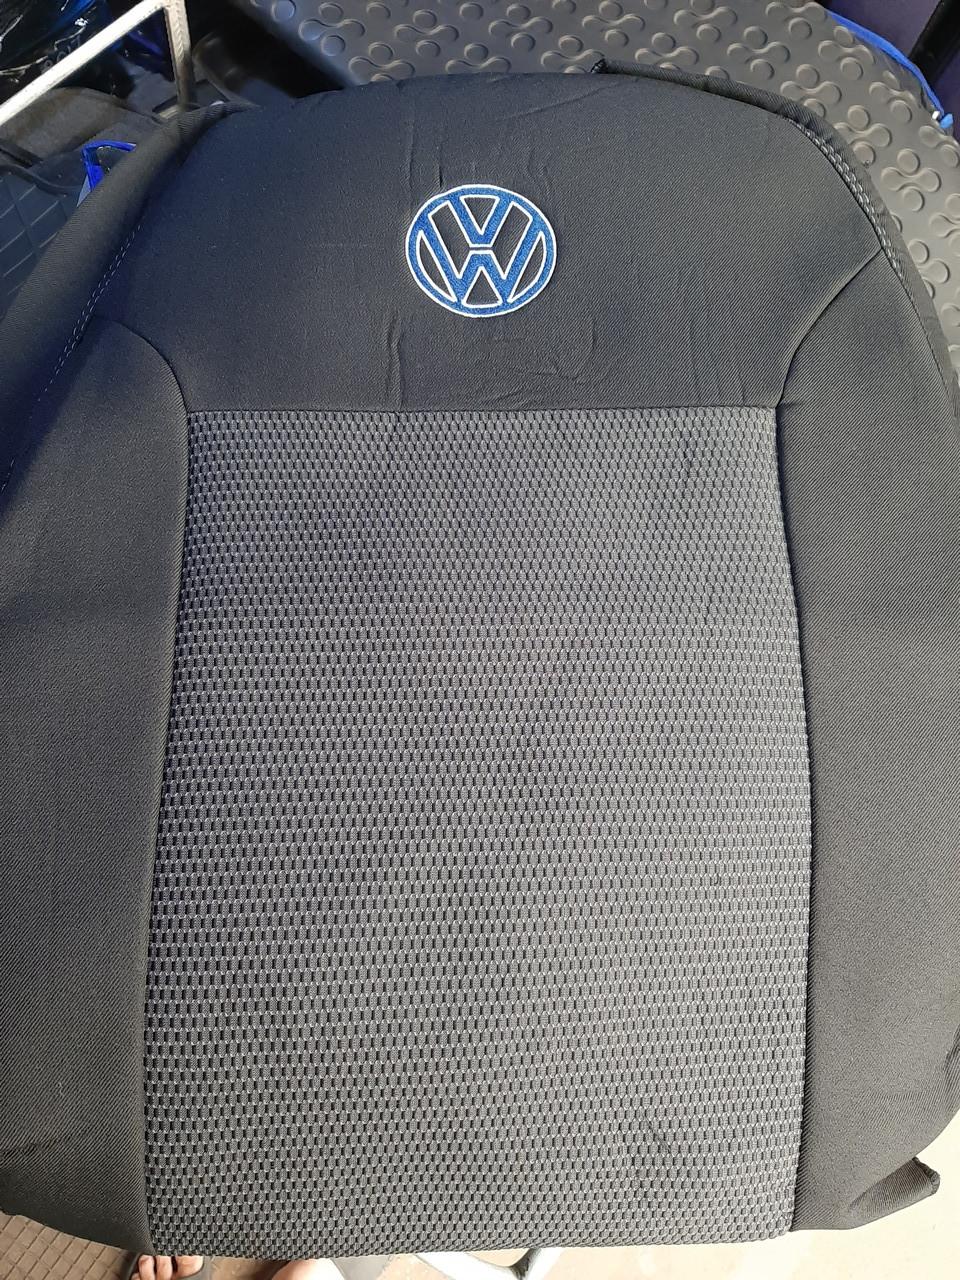 """Чехлы на Volkswagen Golf 6 Sport 2008-2012 / авто чехлы Фольксваген Гольф """"EMC Elegant"""""""